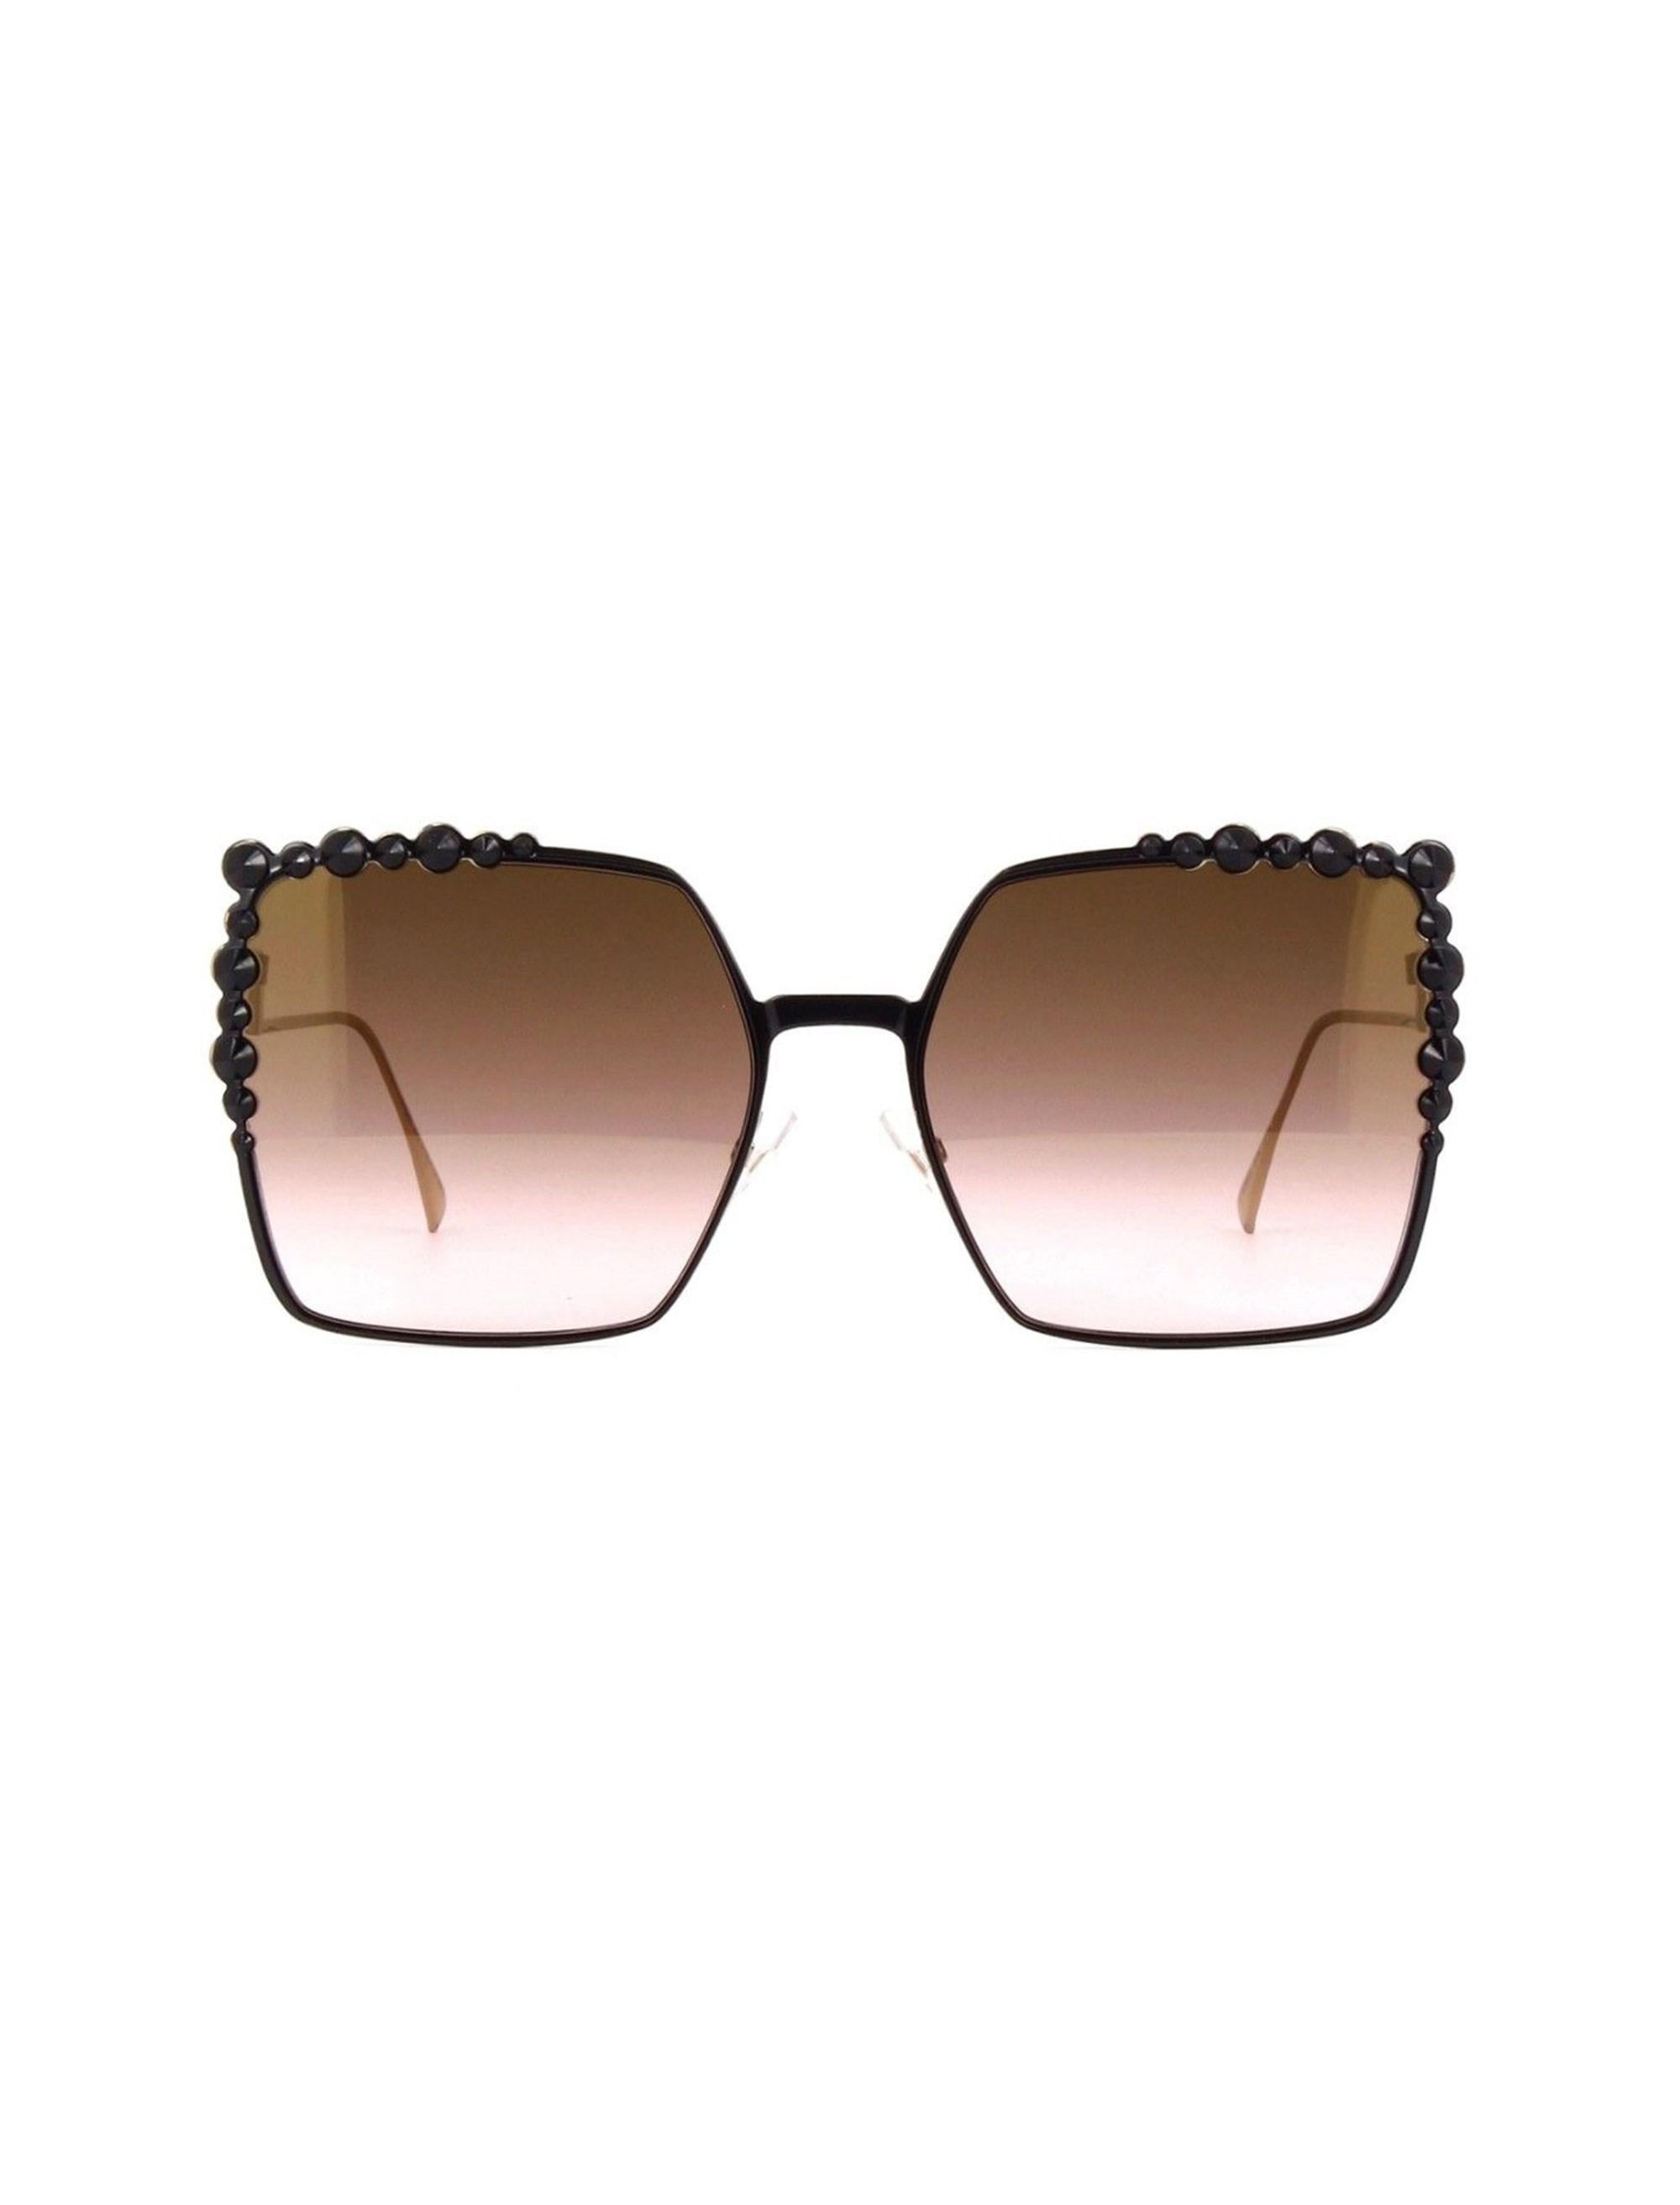 قیمت عینک آفتابی پروانه ای زنانه - فندی